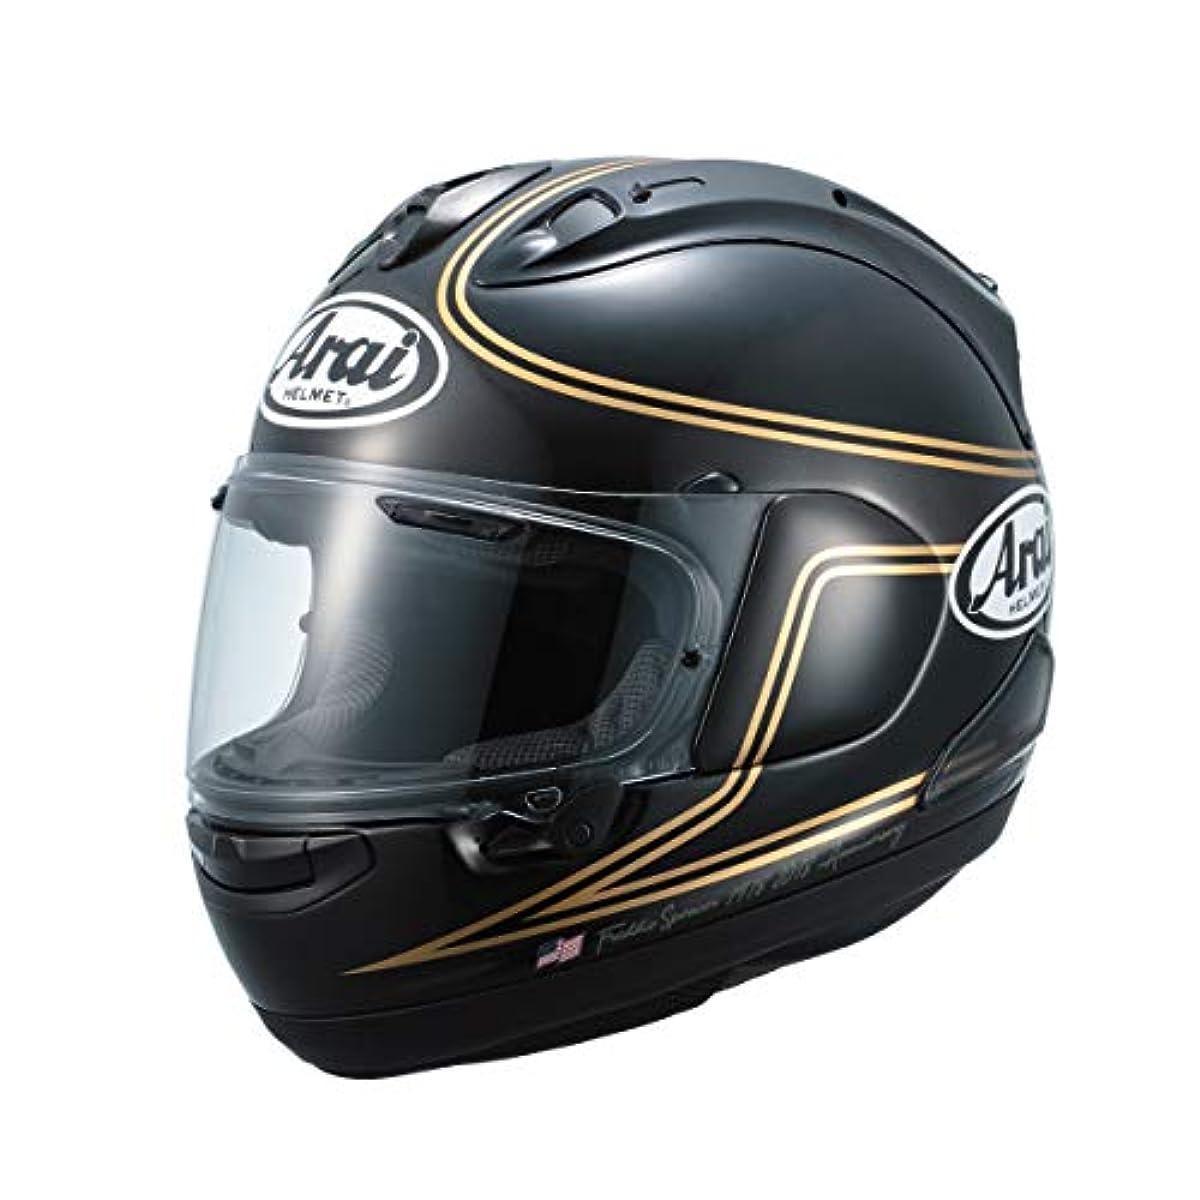 [해외] 아라이(ARAI 아라이 헬멧) 오토바이 헬멧 풀 페이스 RX-7X SPENCER SPL 난카이 오리지널 55-56 NK553982